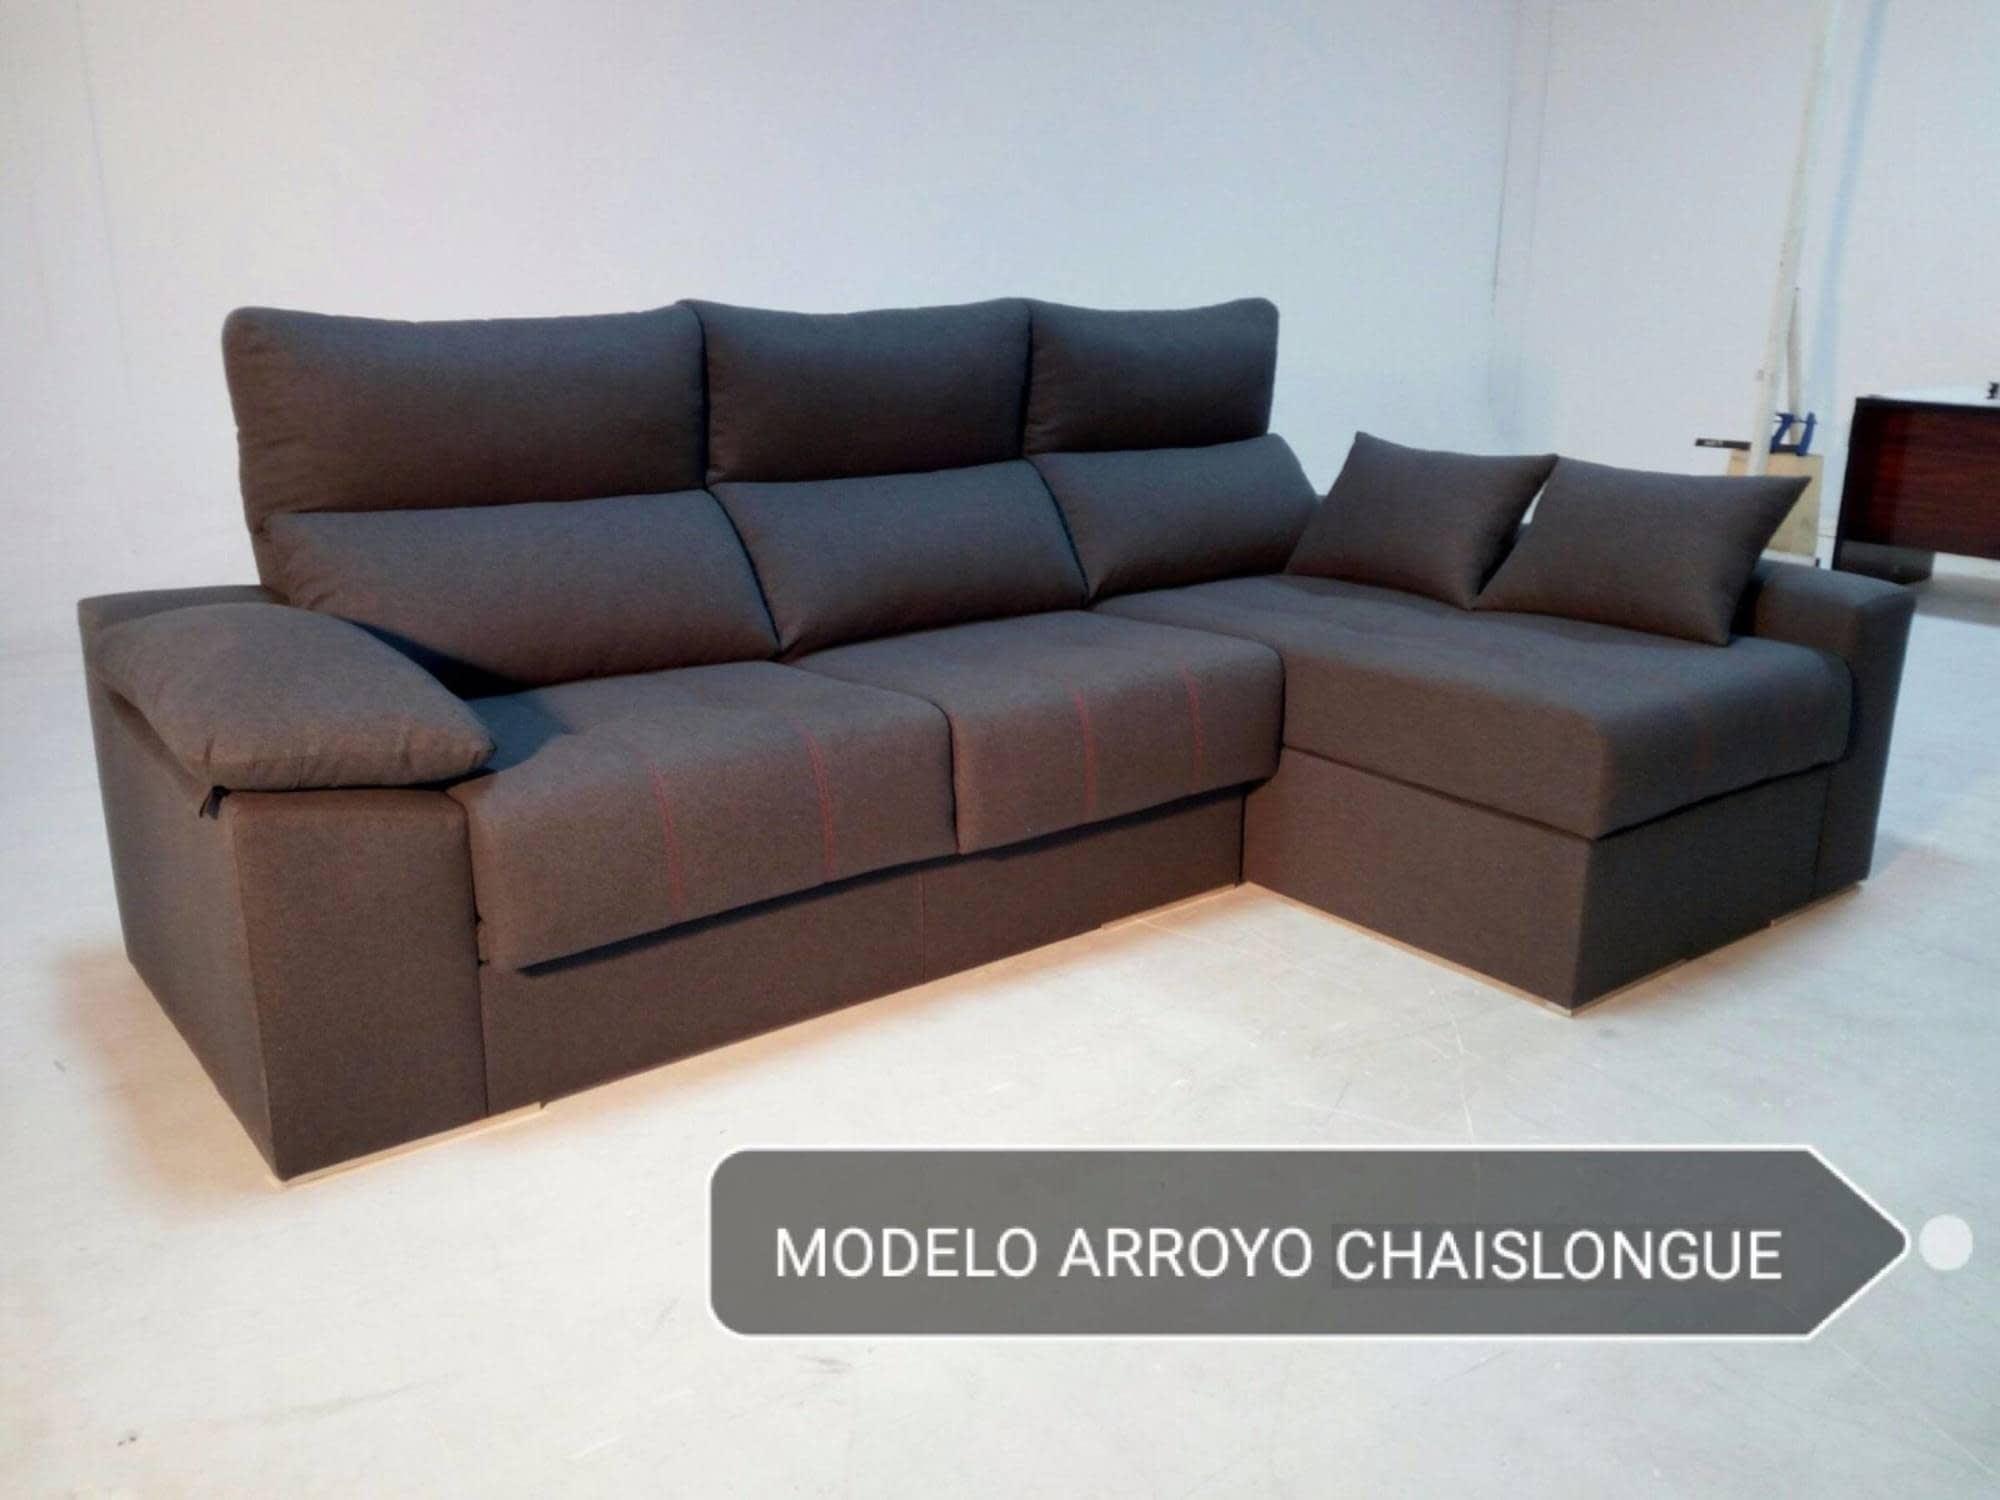 Muebles y sofas obtenga ideas dise o de muebles para su for Muebles llamazares la cabrera